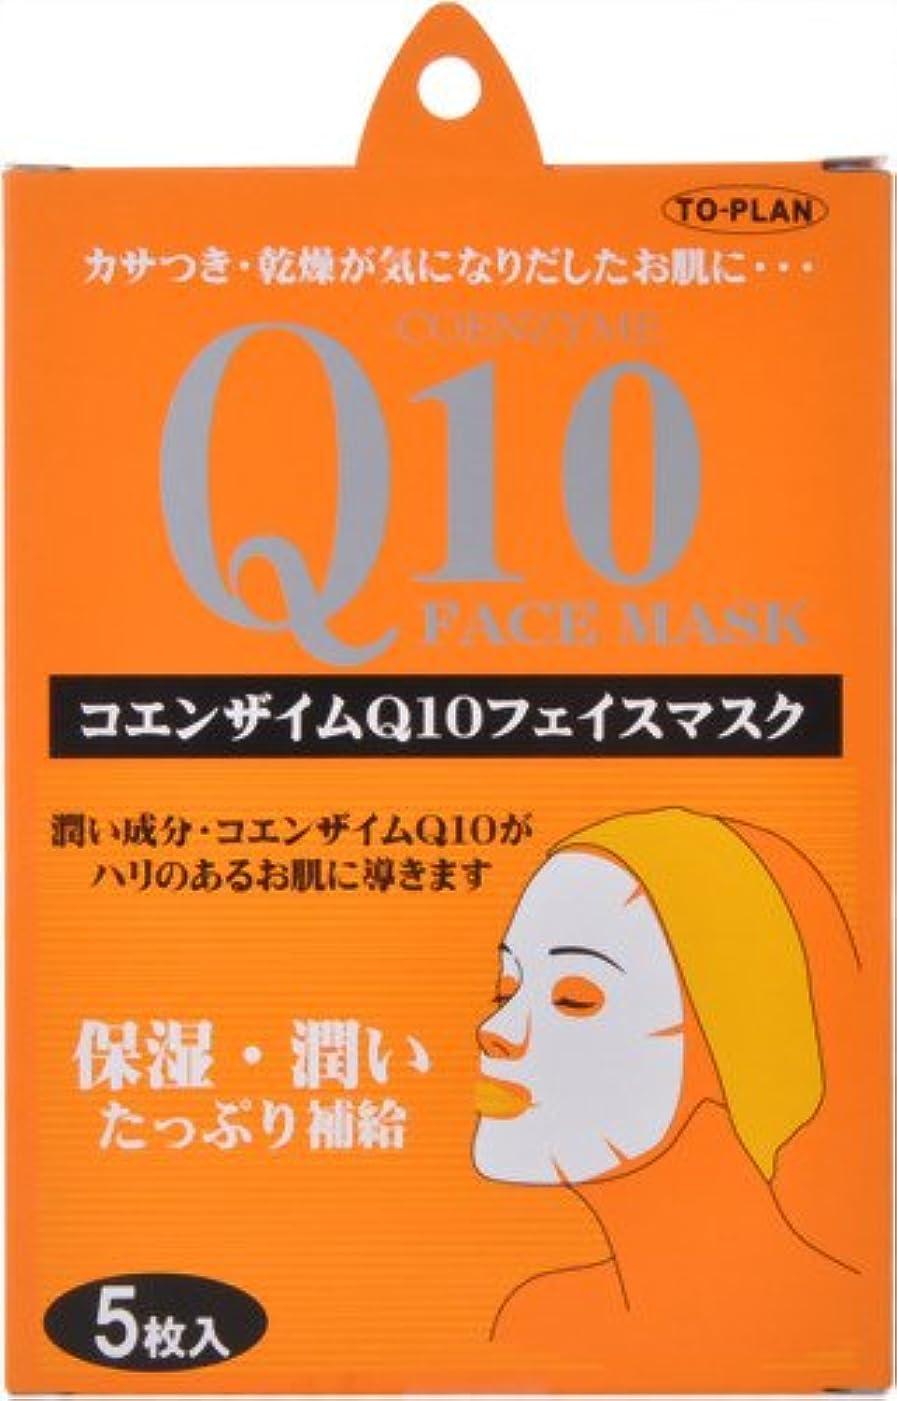 六月トムオードリース正しいTO-PLAN(トプラン) Q10フェイスマスク 5枚入り